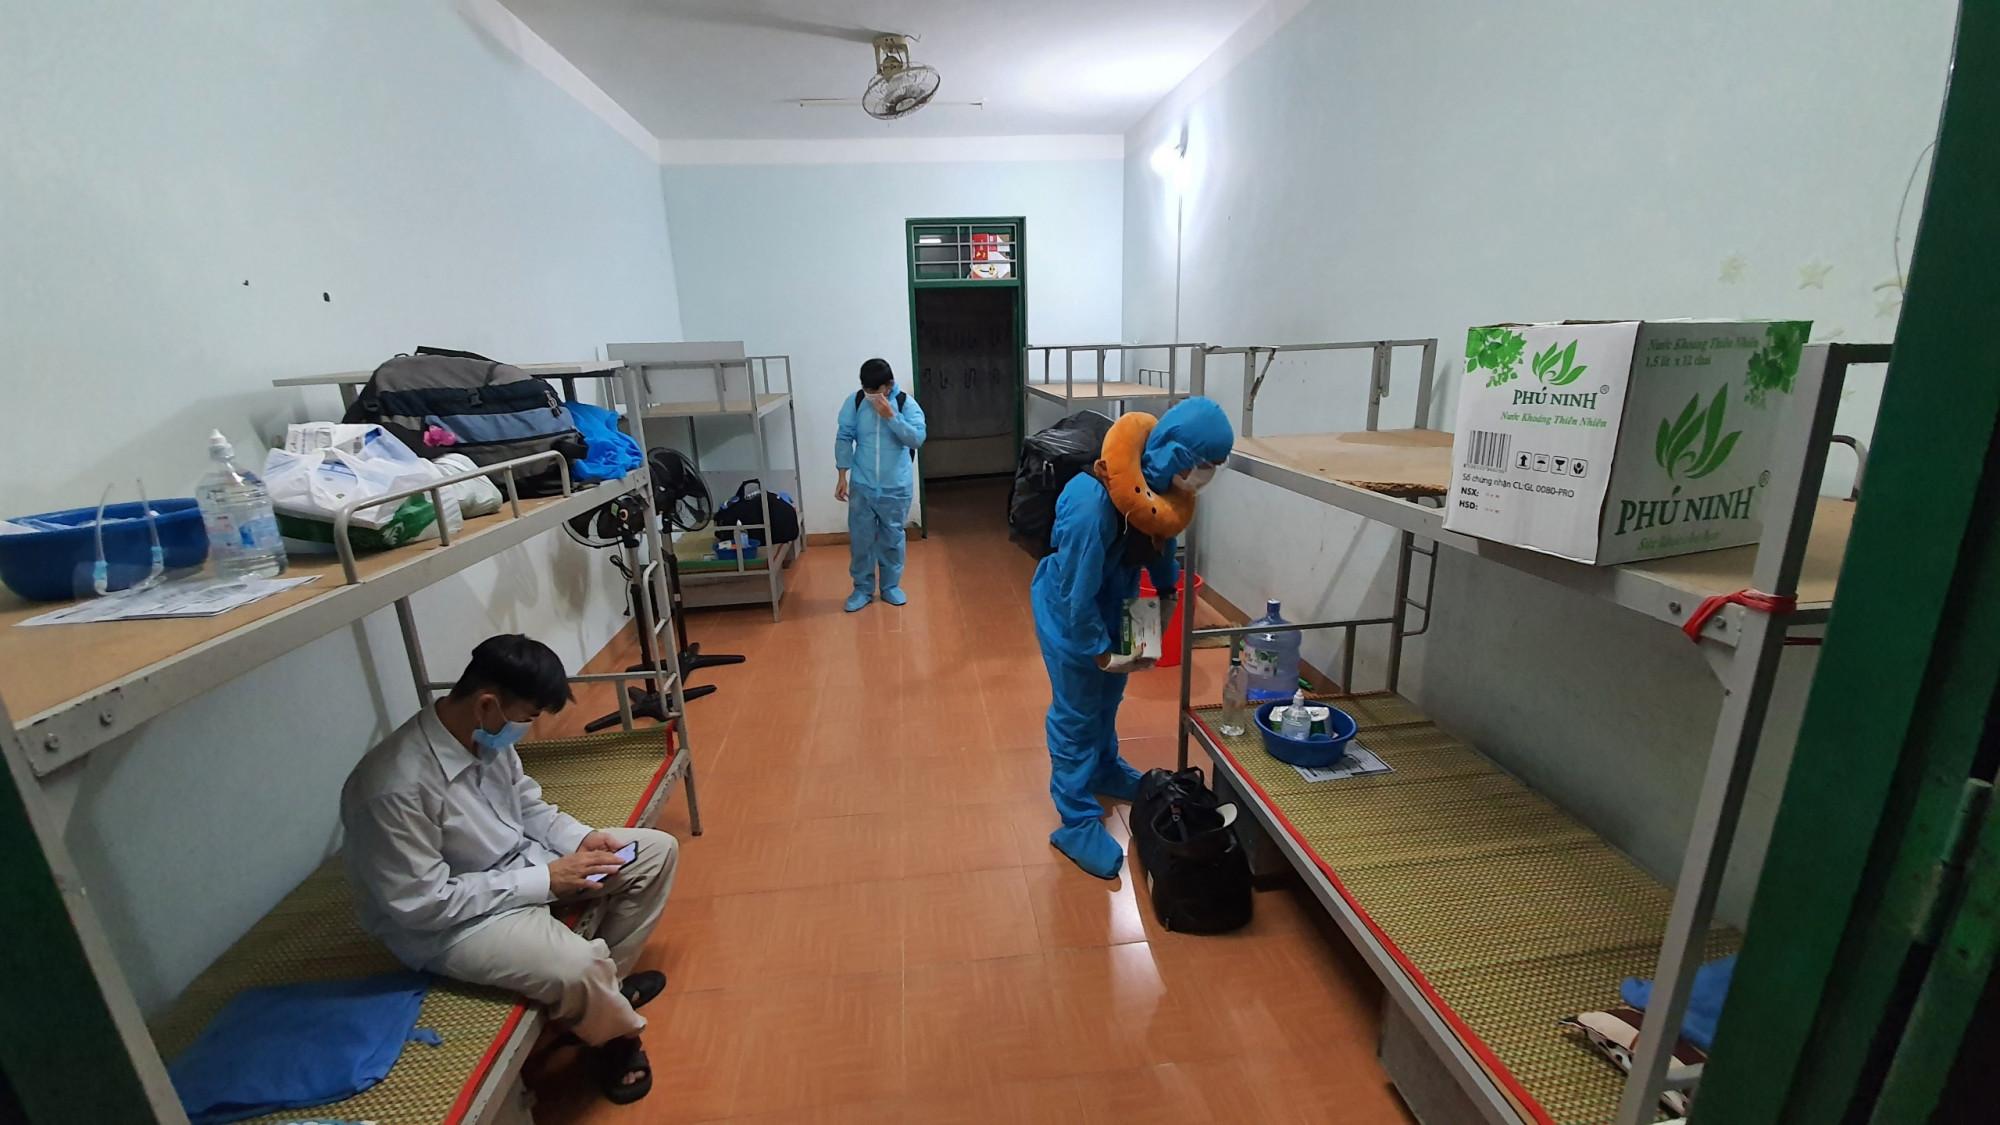 Sau khi hoàn thành mọi thủ tục, 77 người dân được bố trí chỗ nghỉ ở khu KTX trường Cao đẳng Quảng Nam